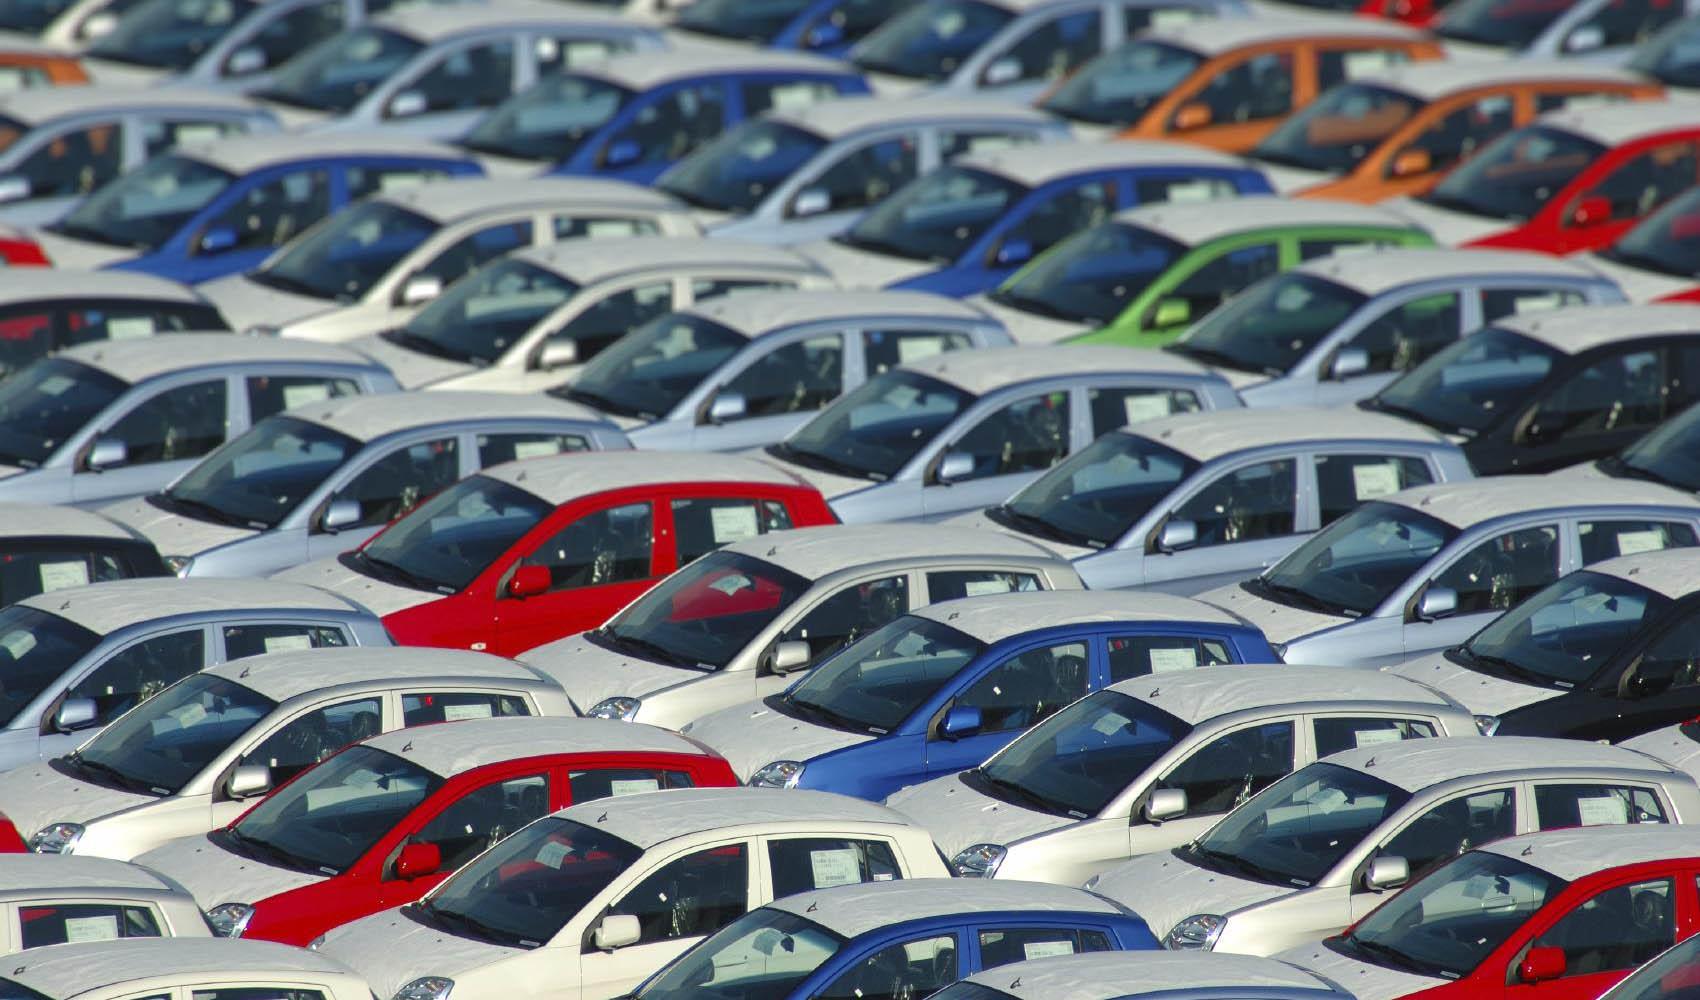 چشم انداز قیمت خودرو در سال ۹۸